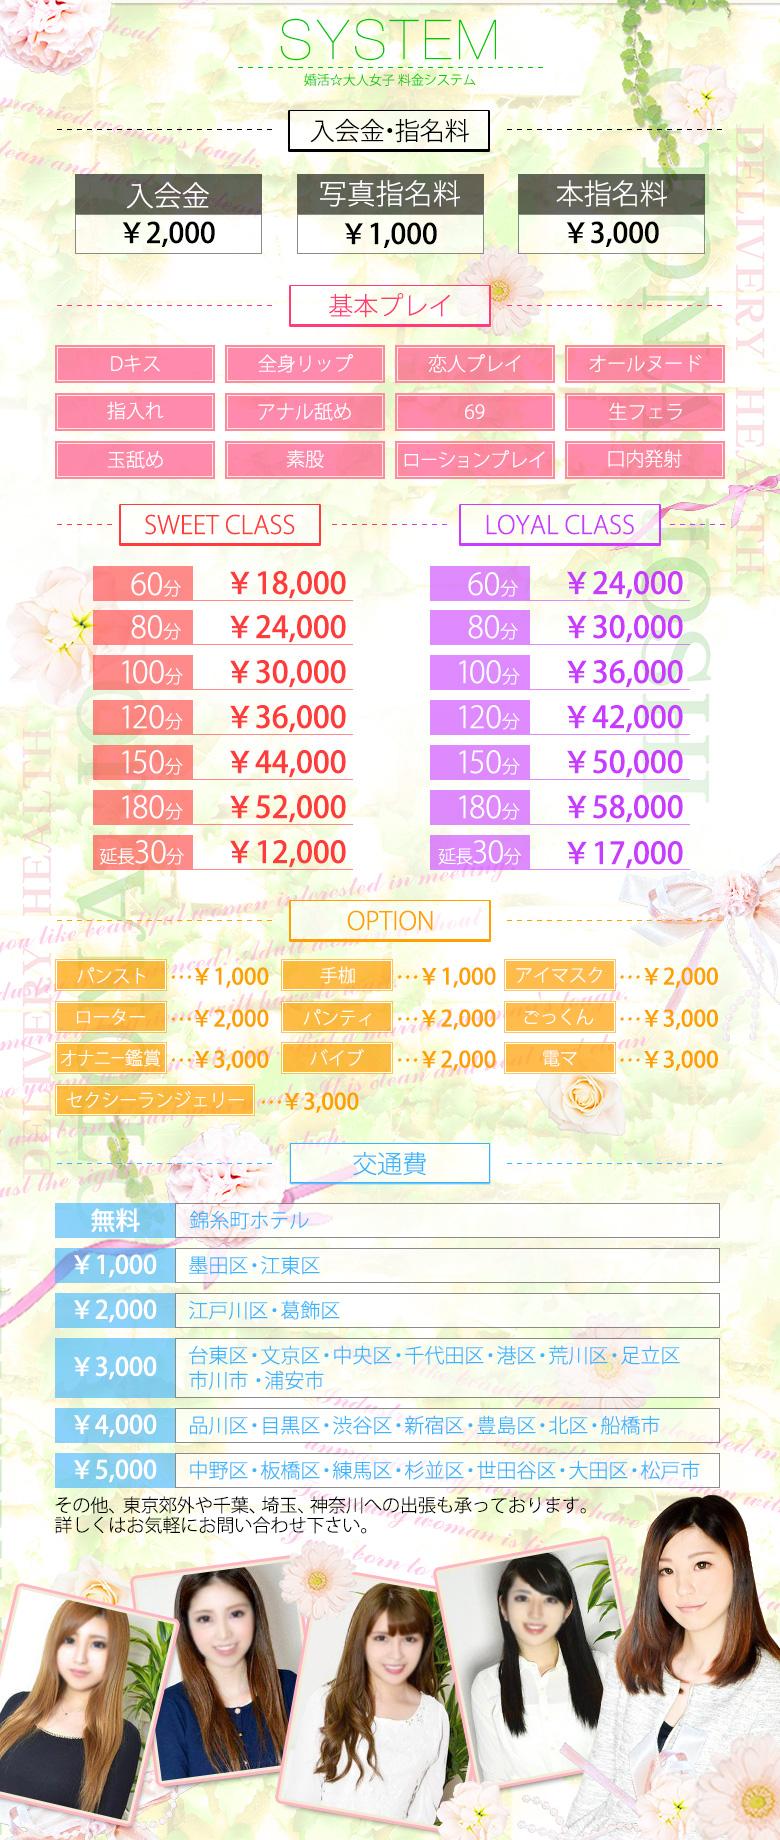 料金システム画像